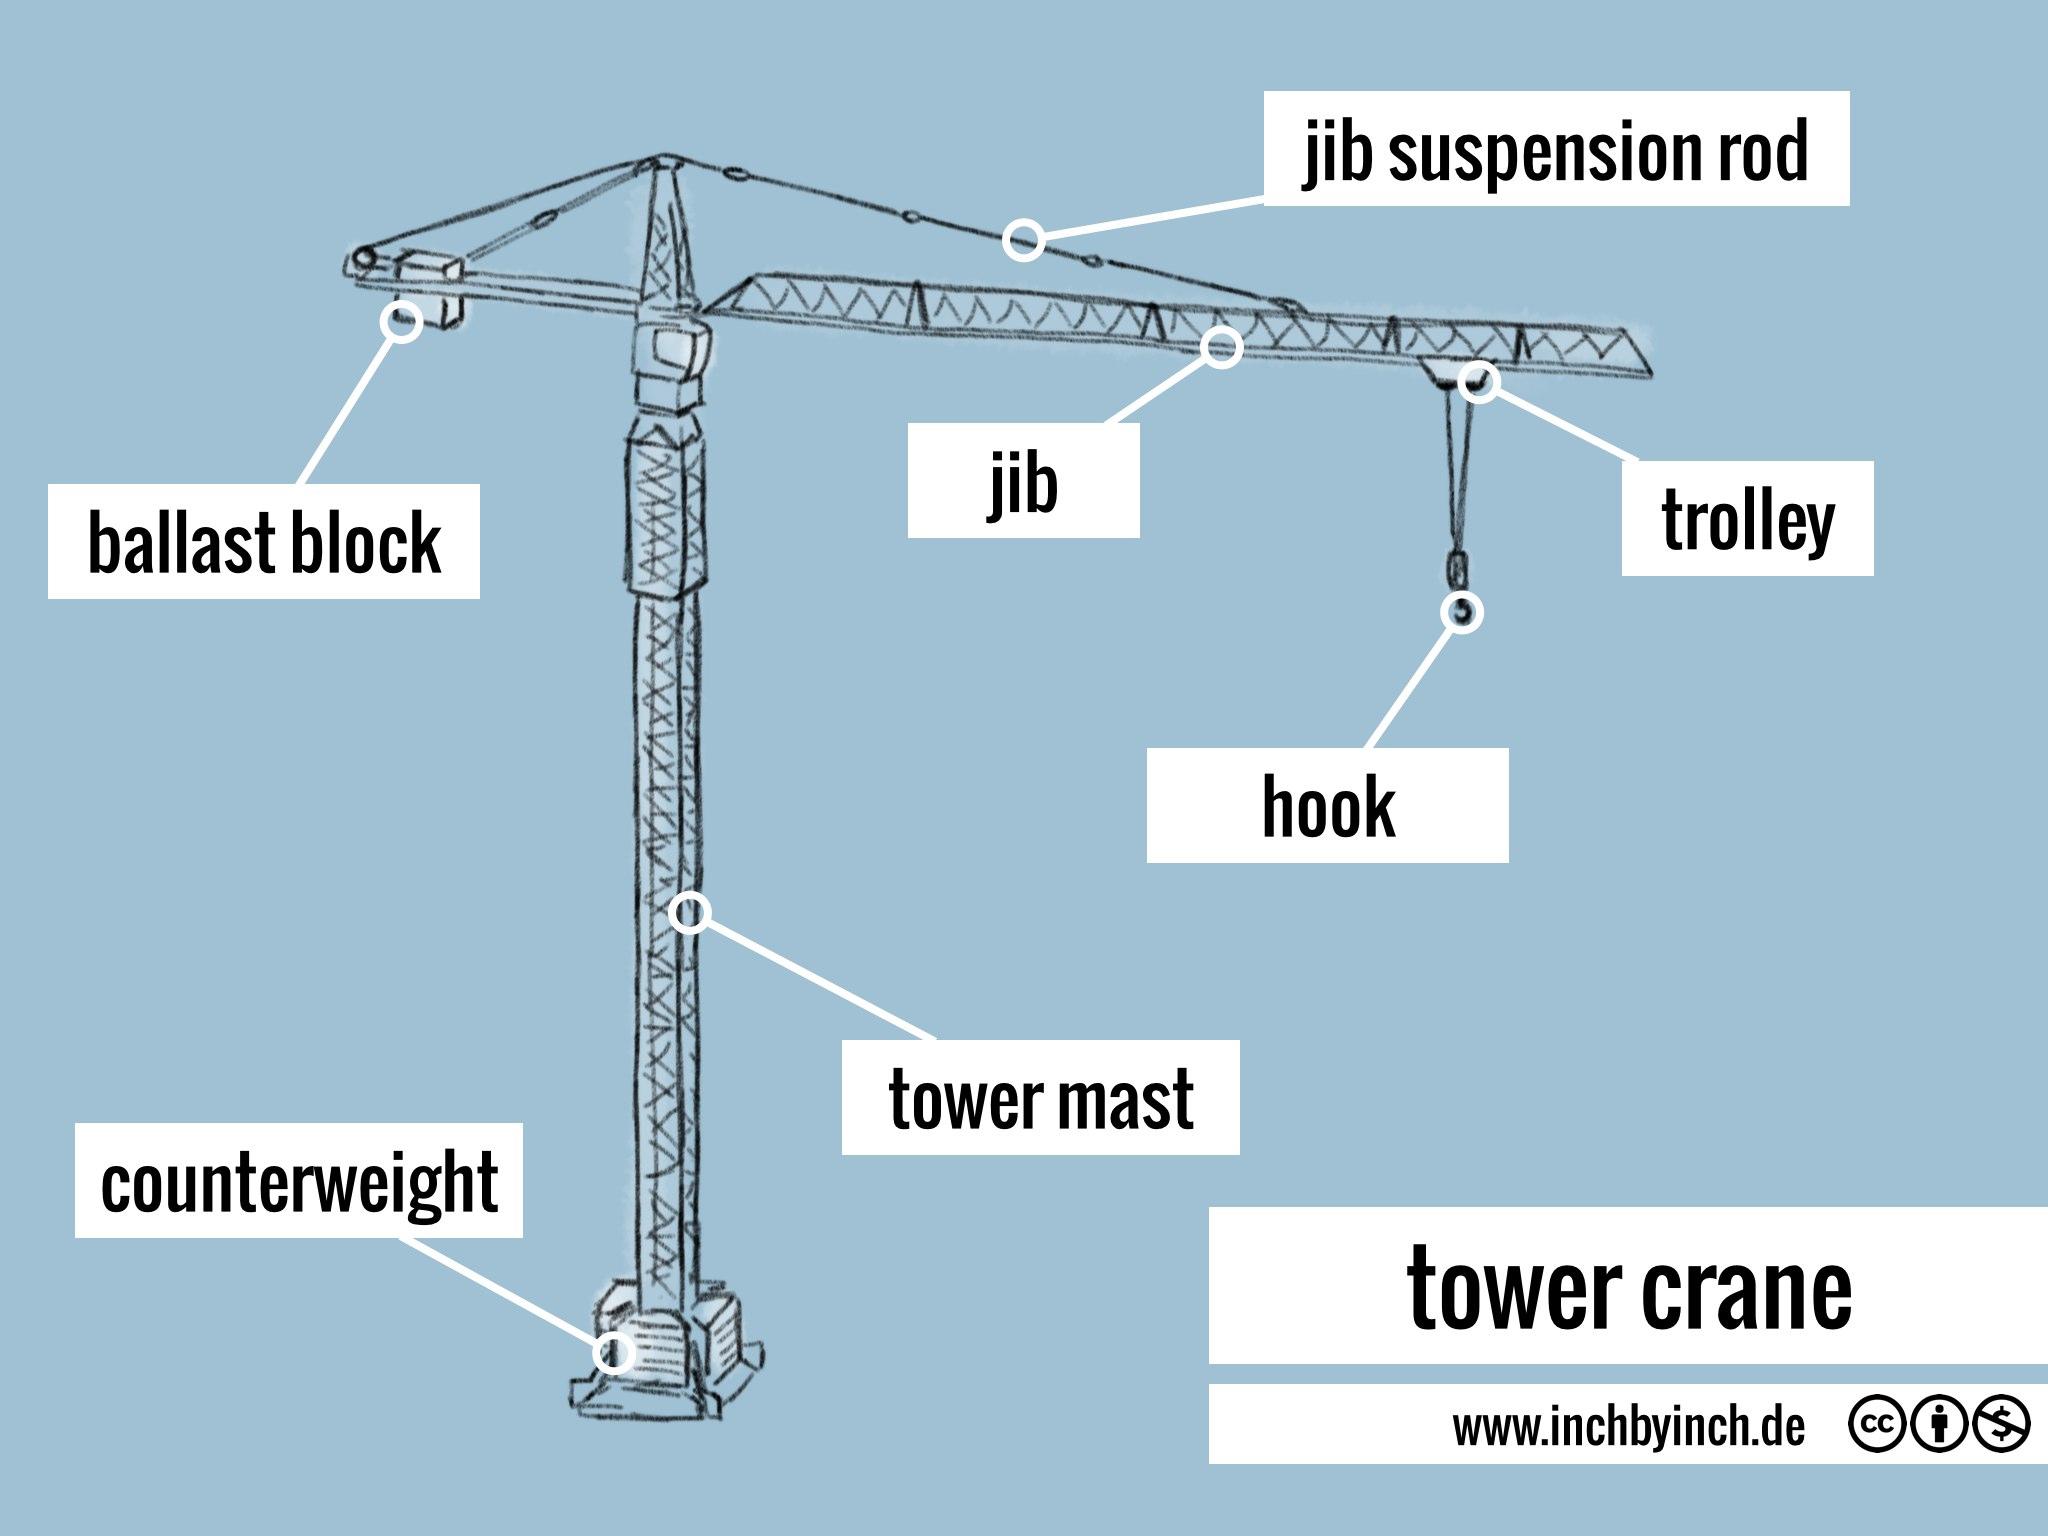 liebherr crane parts diagram  liebherr  get free image